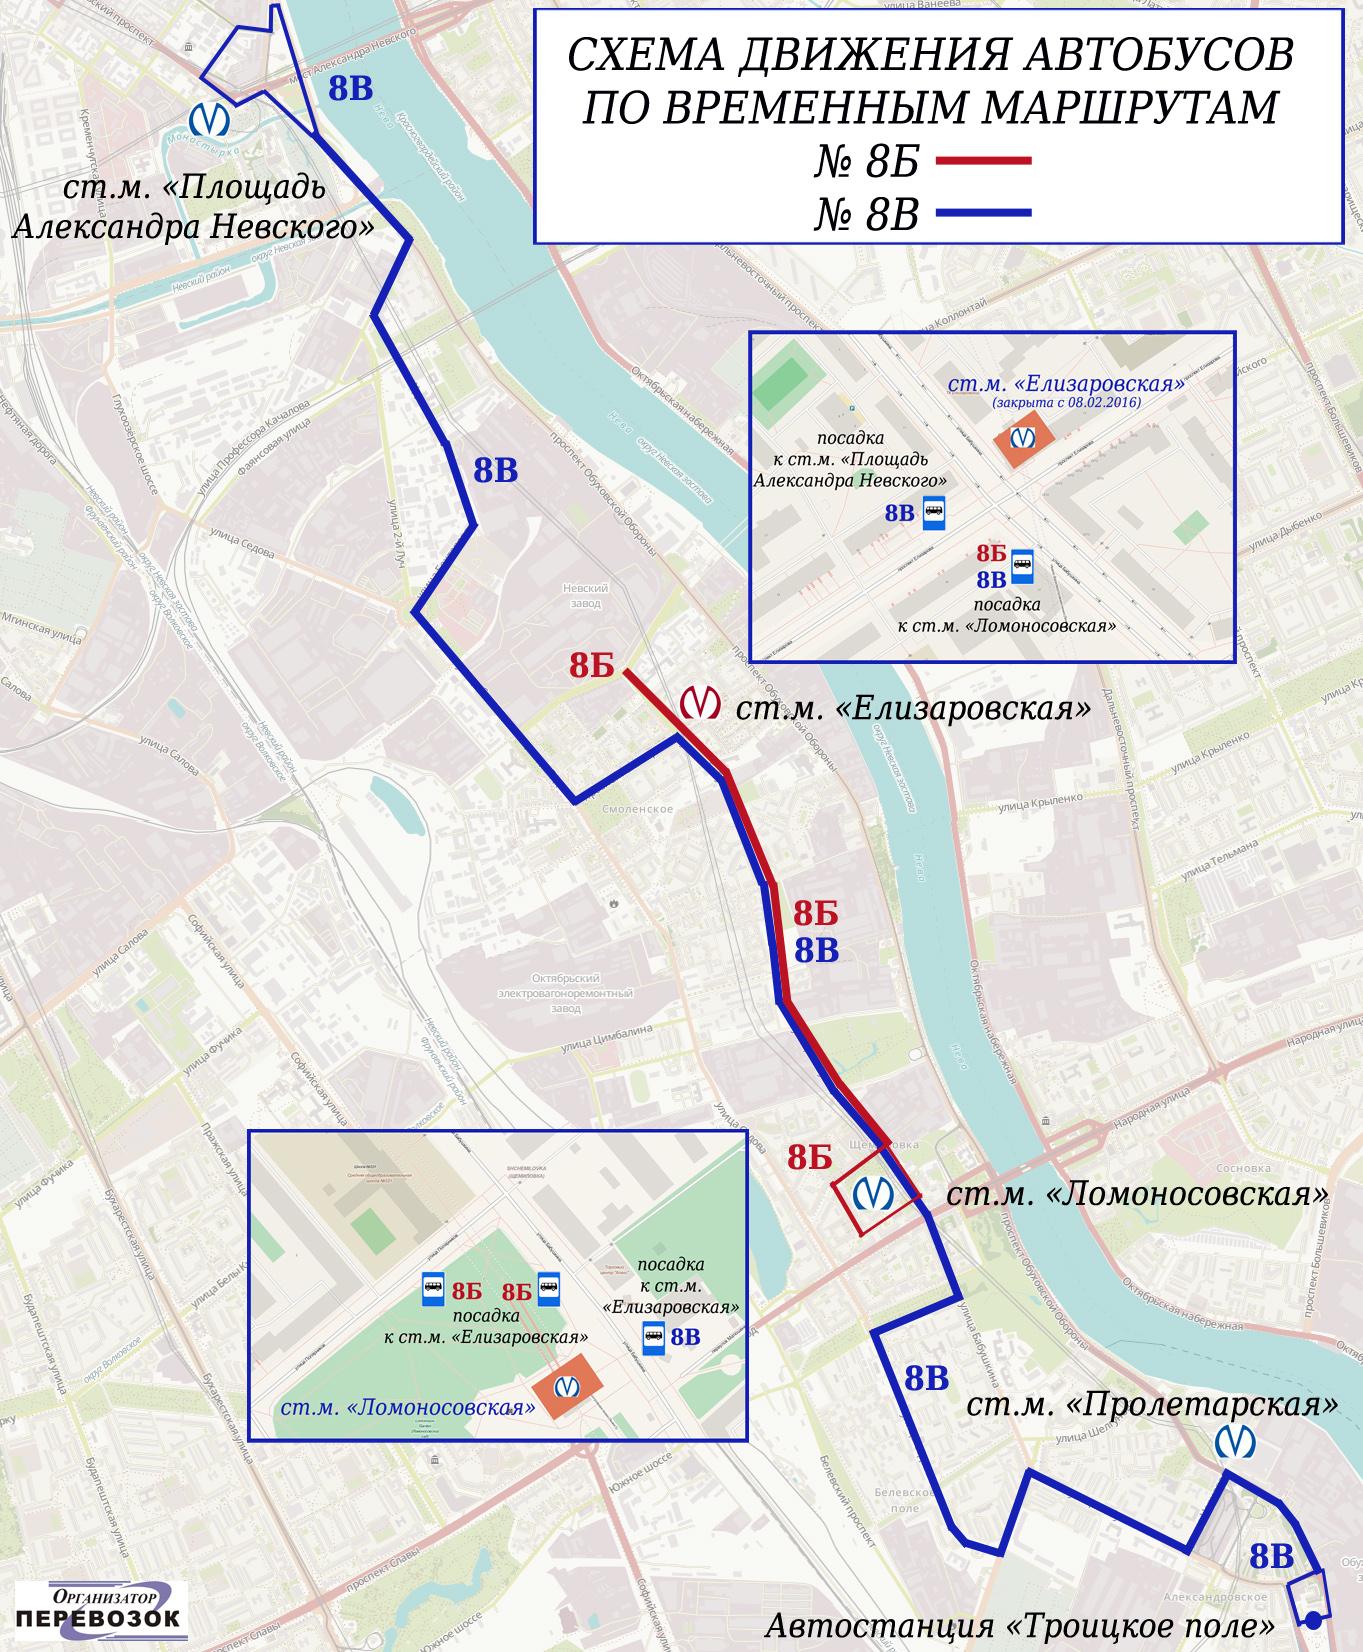 Схема движения автобусов по спб